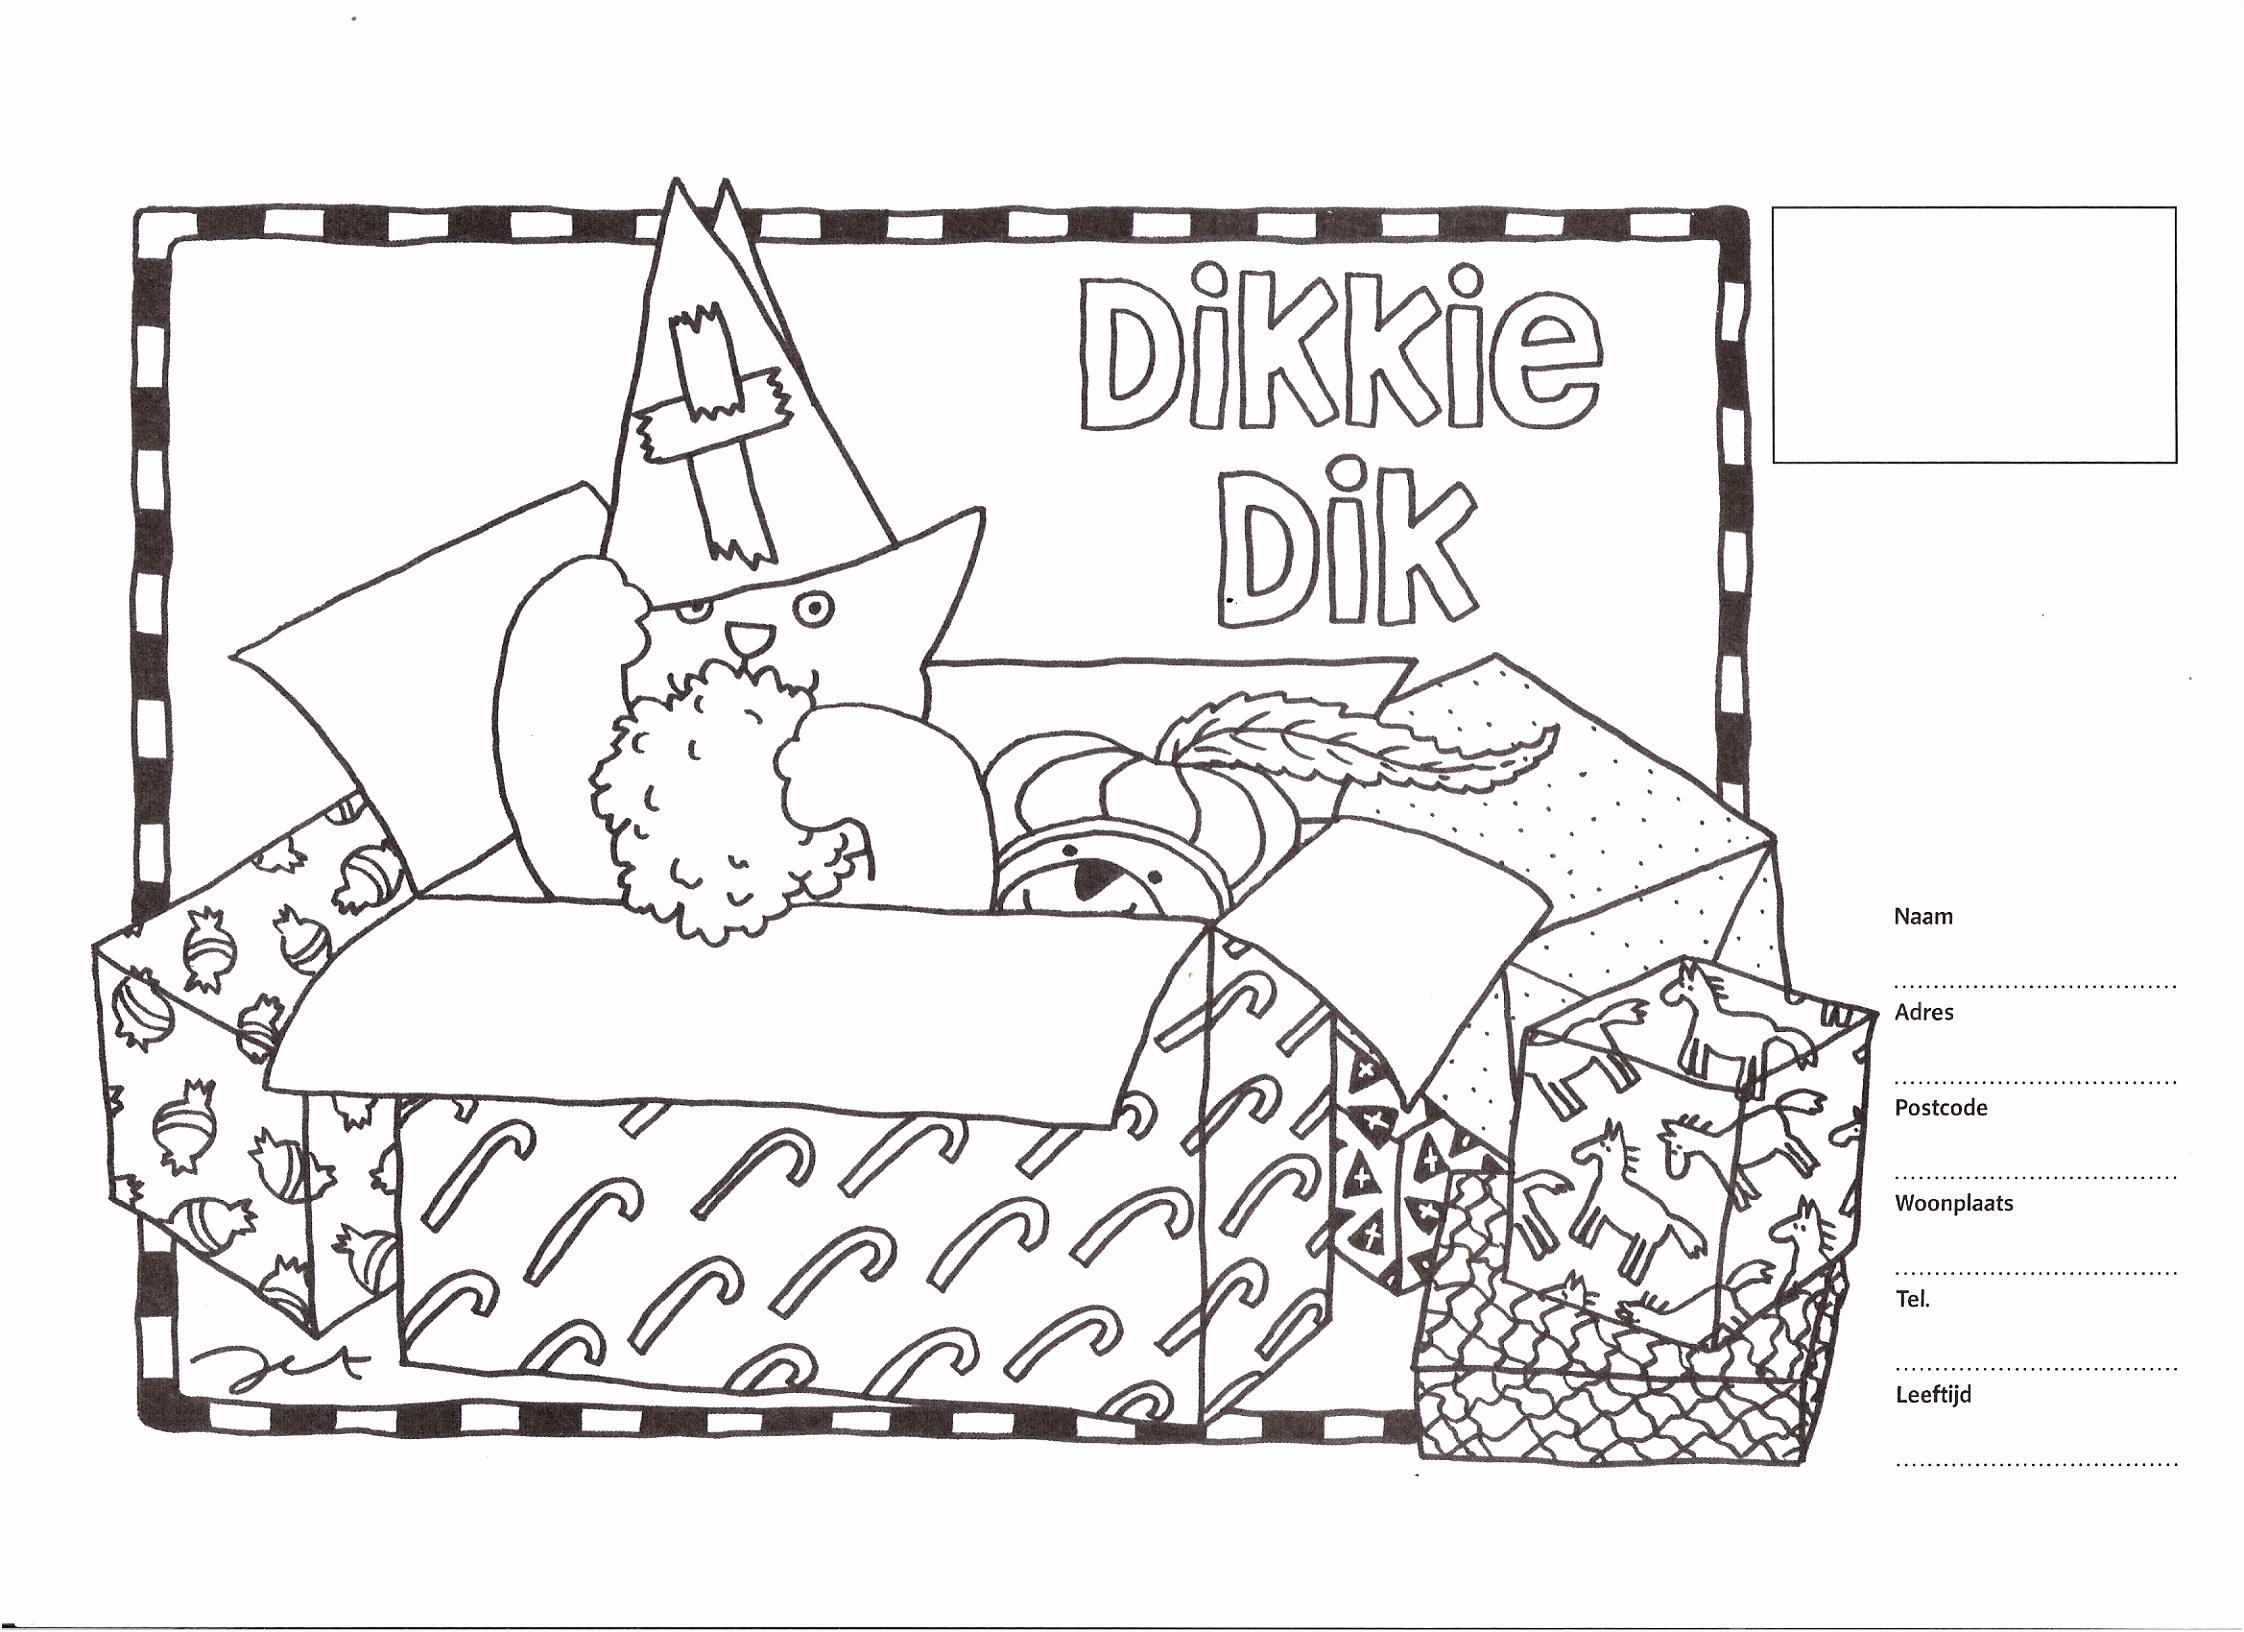 Sinterklaas Kleurplaat A4 formaat Dikkie Dik Sinterklaas Kleurplaat Archidev Q7yg43tdu4 Ouuuu2sanu